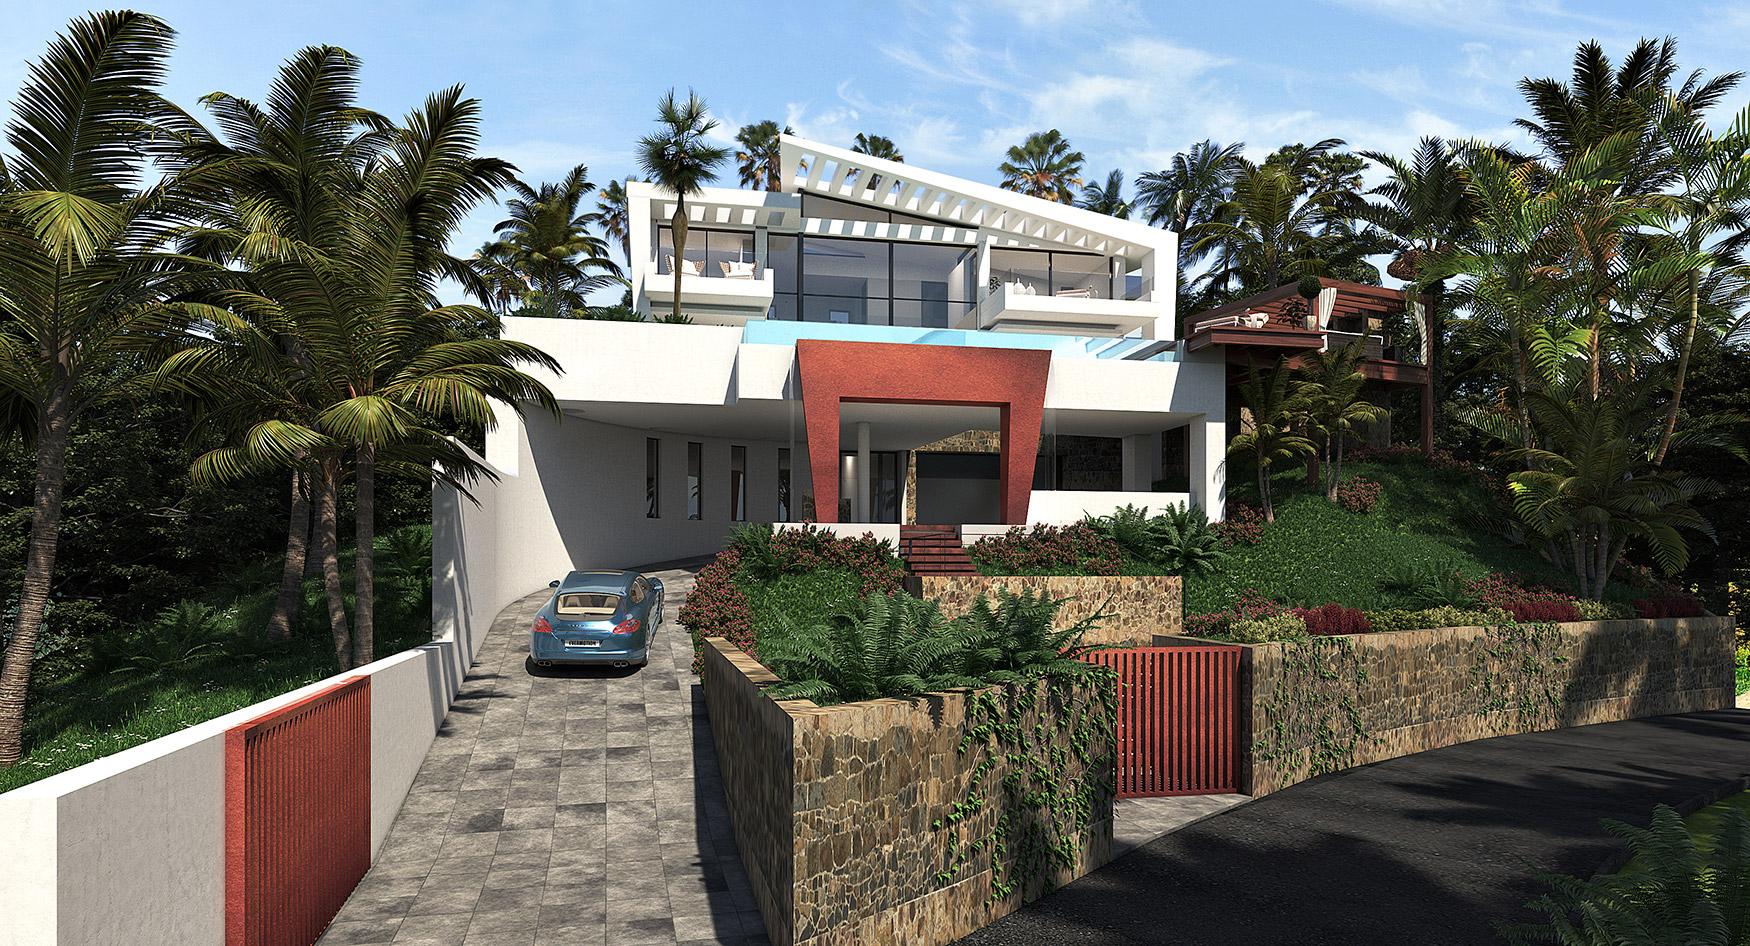 Villa lujo passivhaus marbella